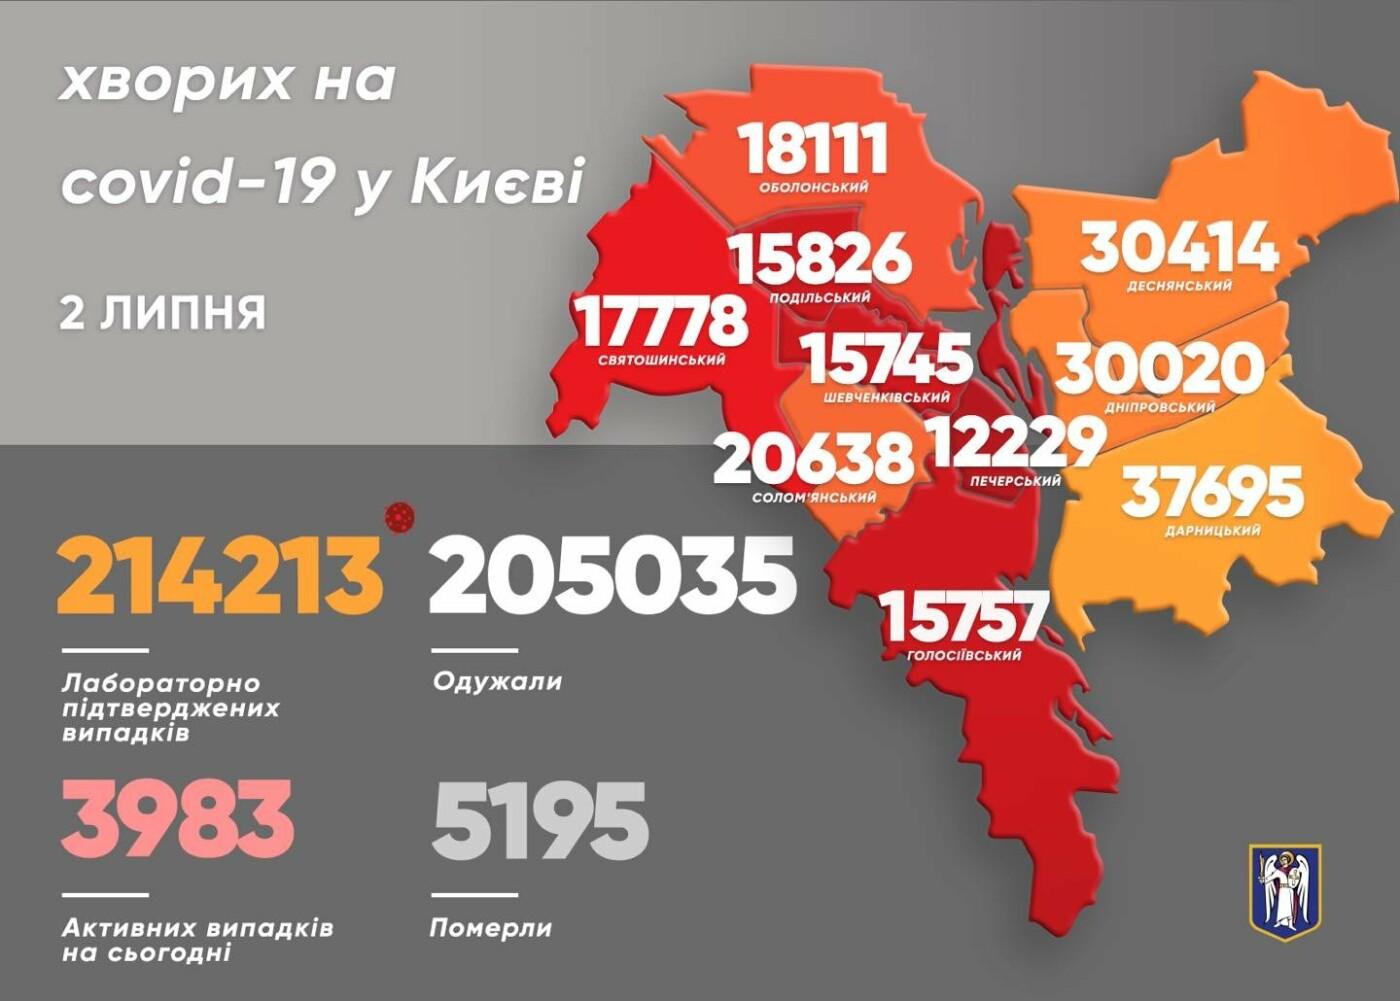 Статистика на 2 июля, Картинка: Виталий Кличко